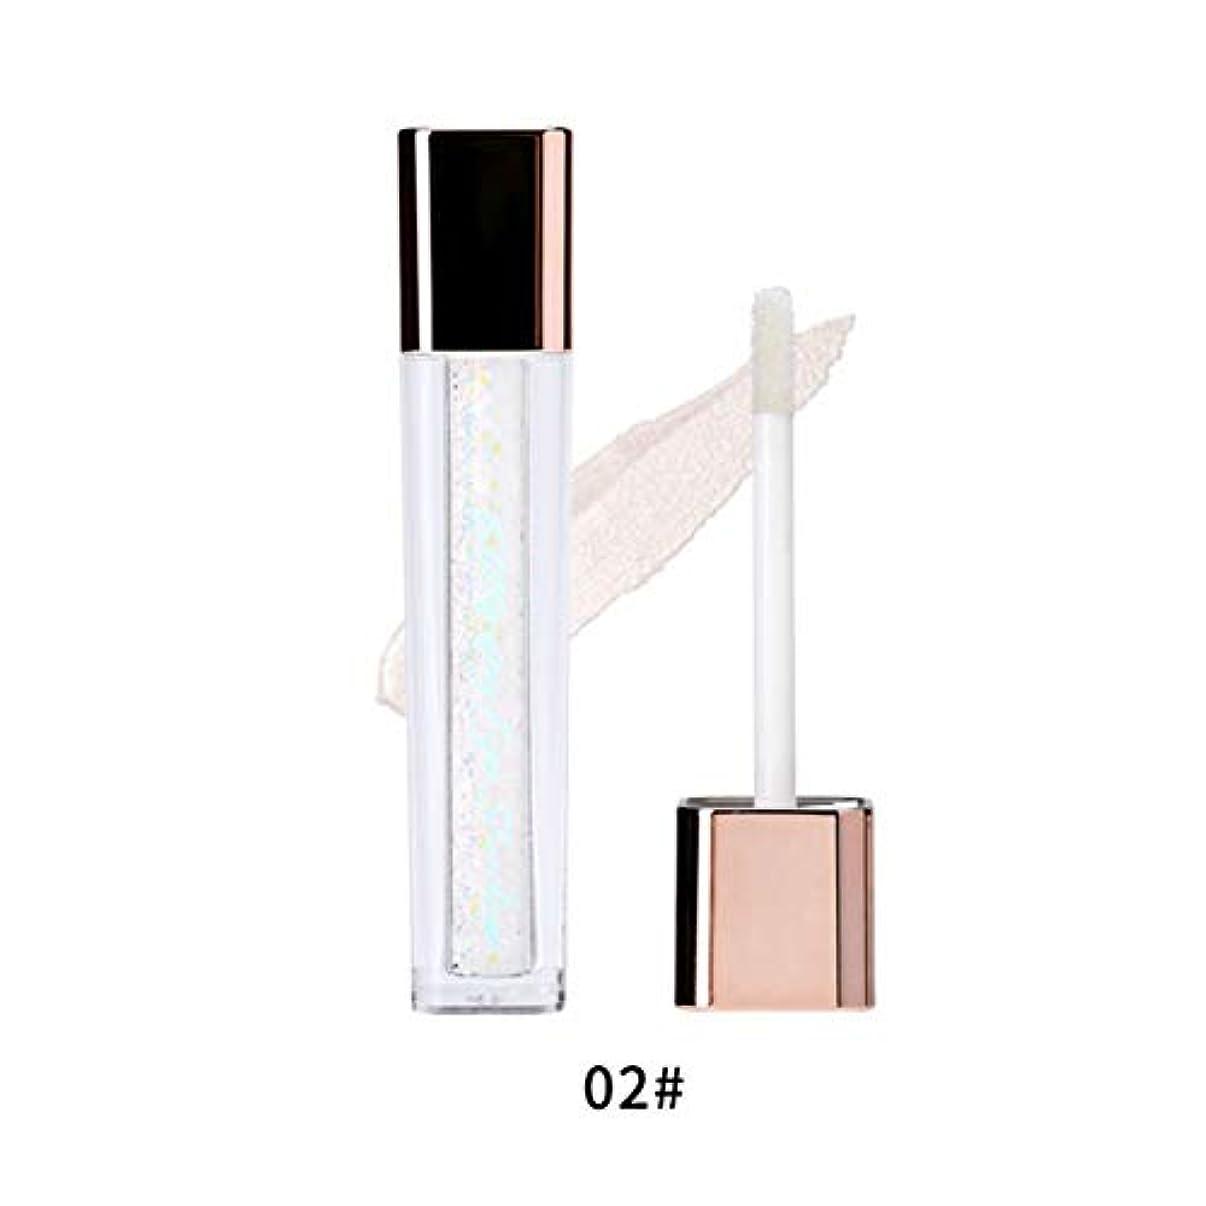 リキッドアイシャドー シマー 防水 防汚 真珠光沢 グリッター アイシャドウ 化粧品ツール Cutelove